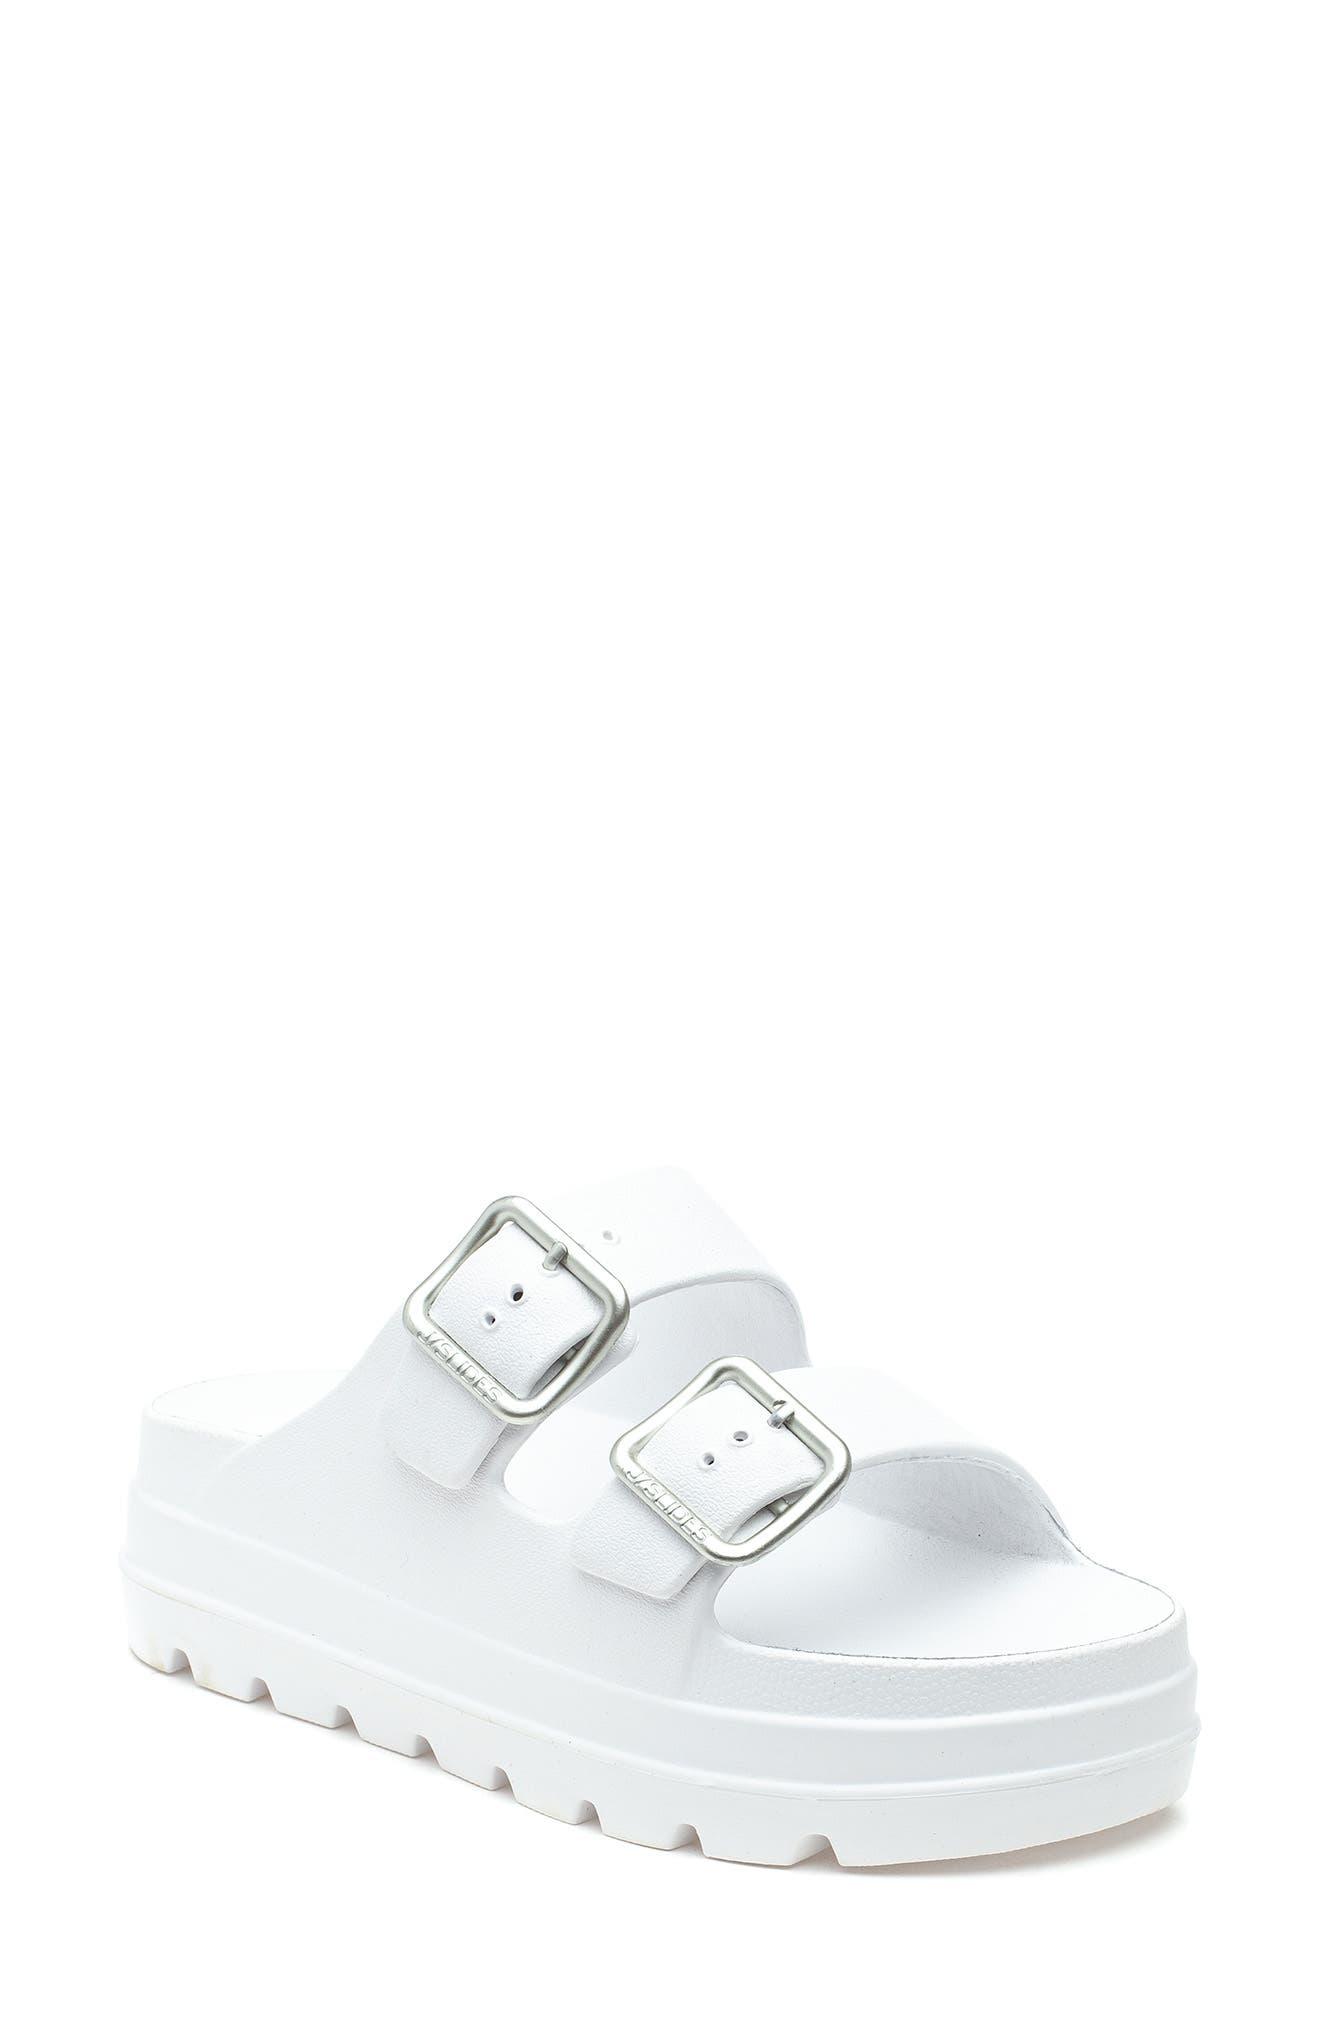 Simply Platform Slide Sandal